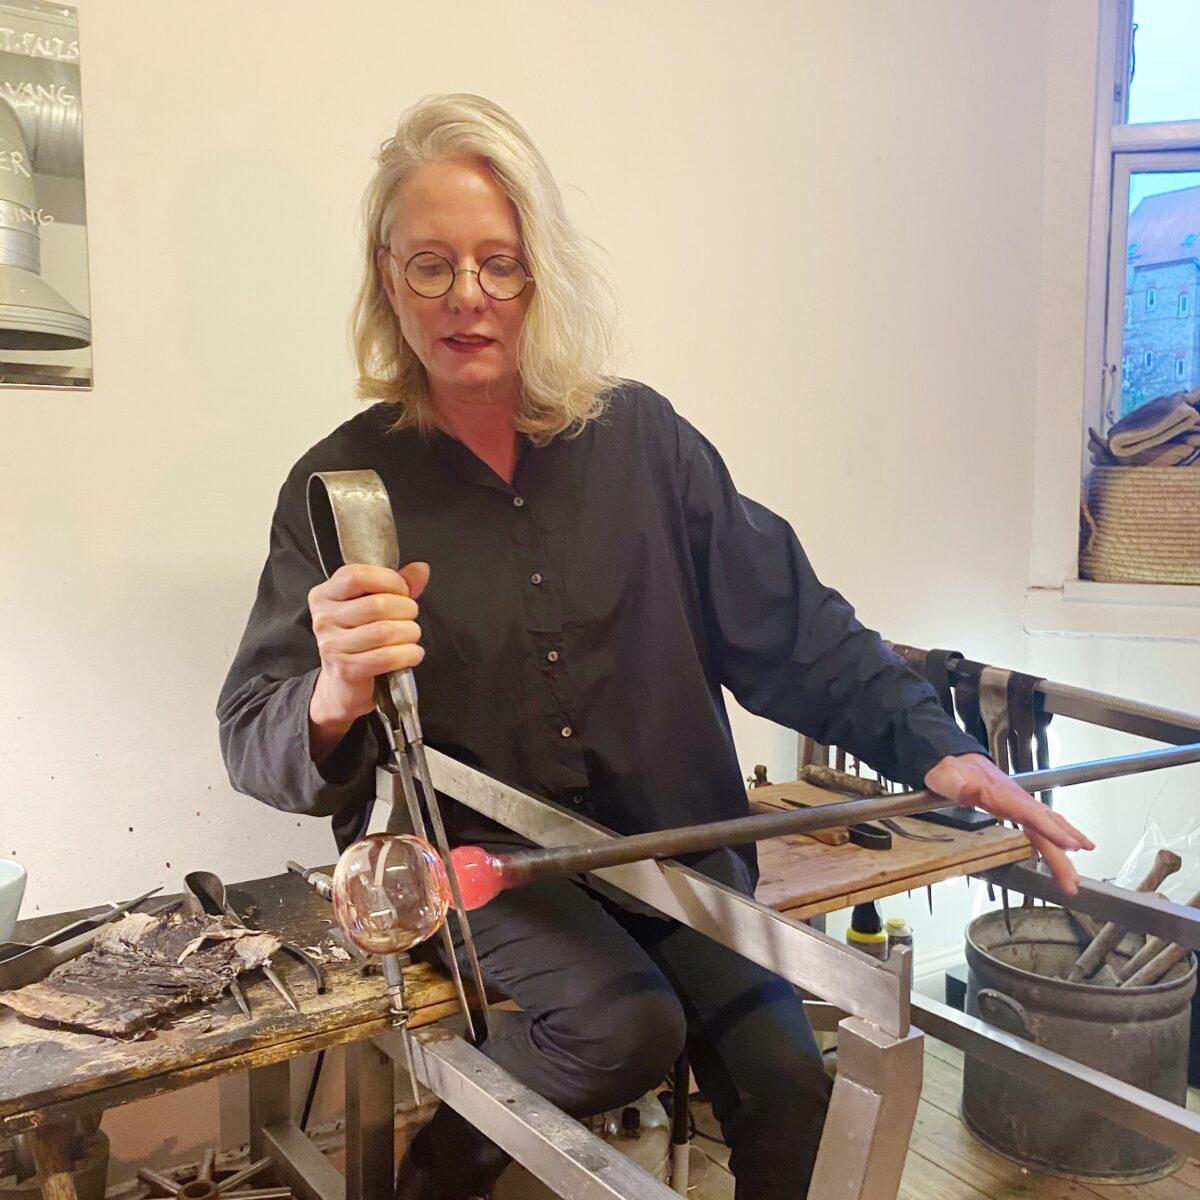 Rikke Stenholt